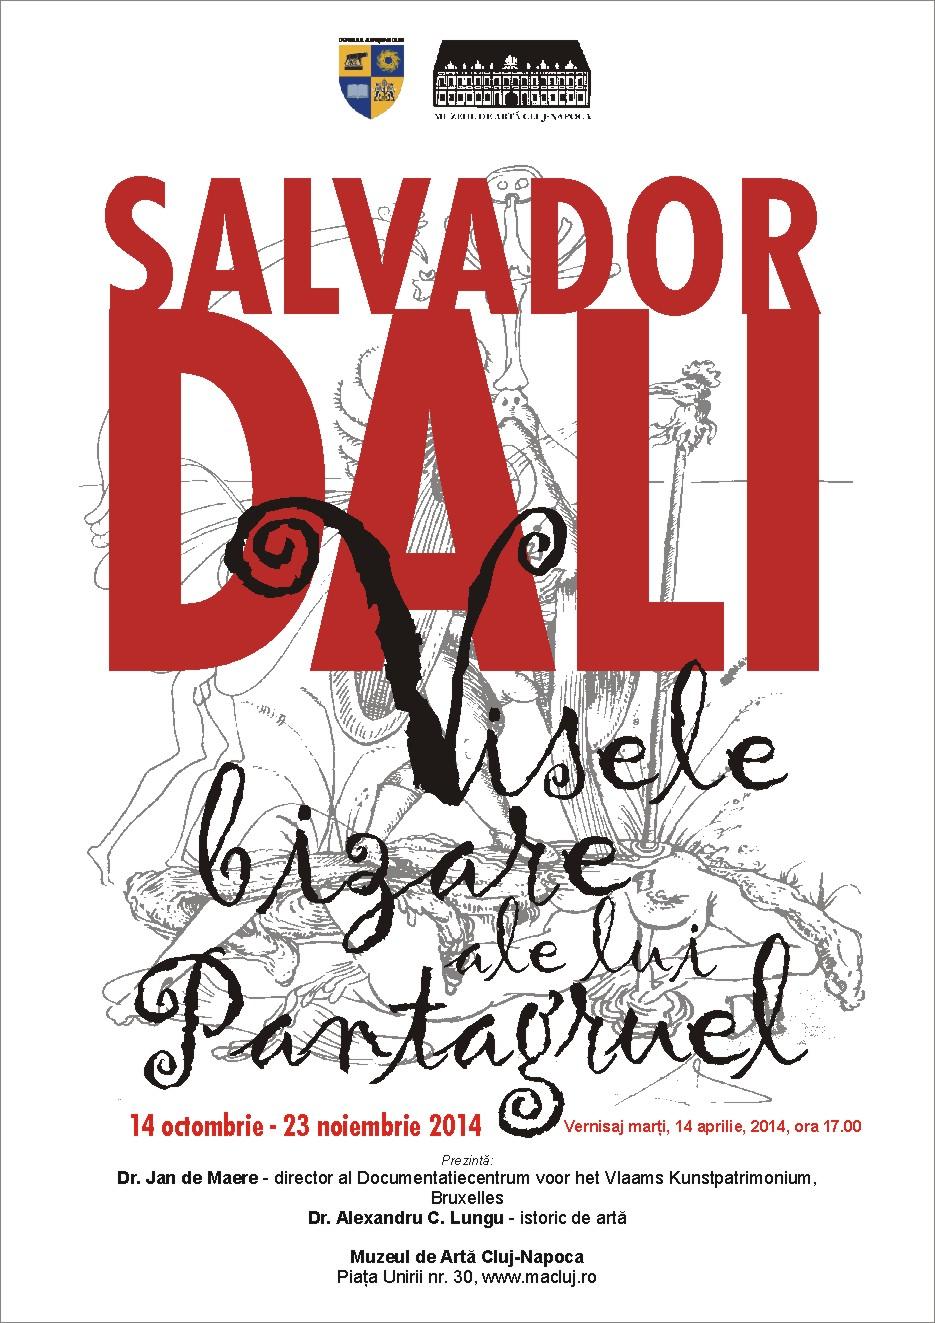 Expoziţia Salvador Dali – Visele bizare ale lui Pantagruel @ Muzeul de Artă Cluj-Napoca